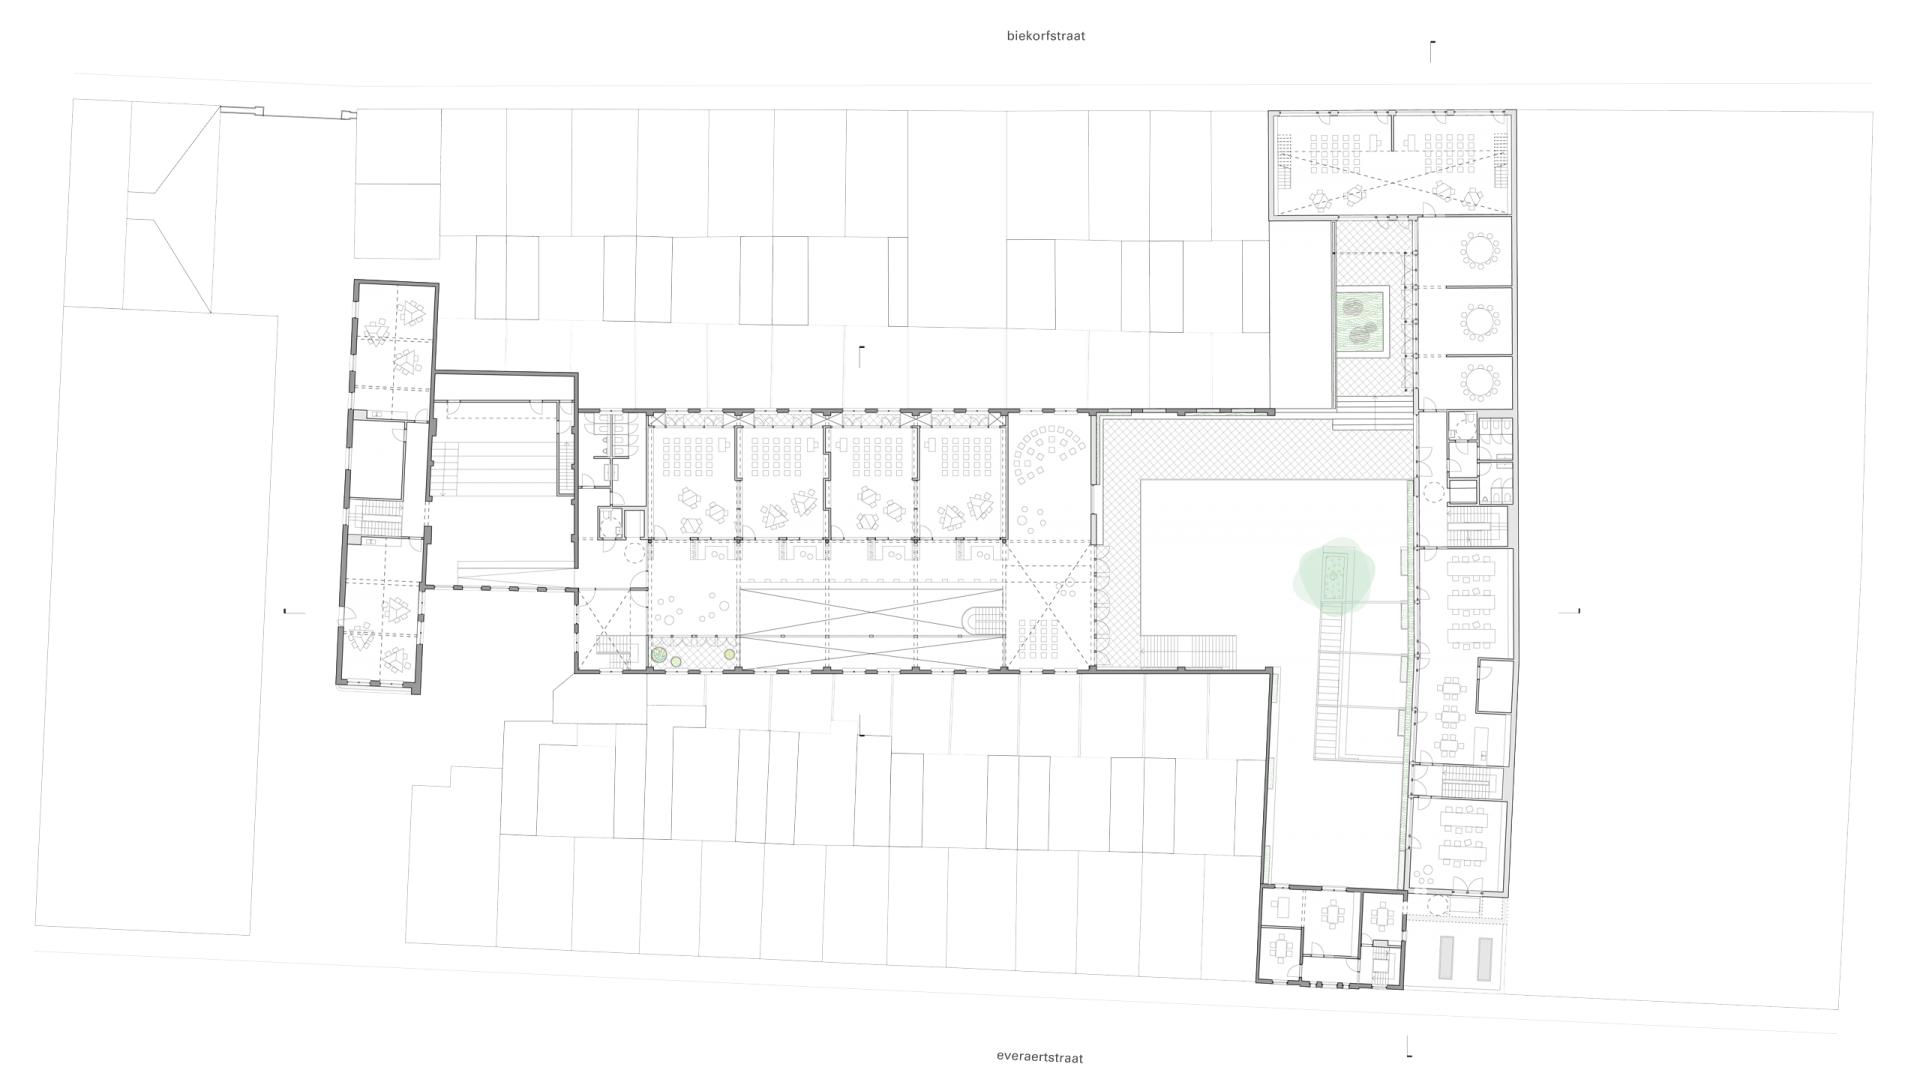 Everaert Plan 1V